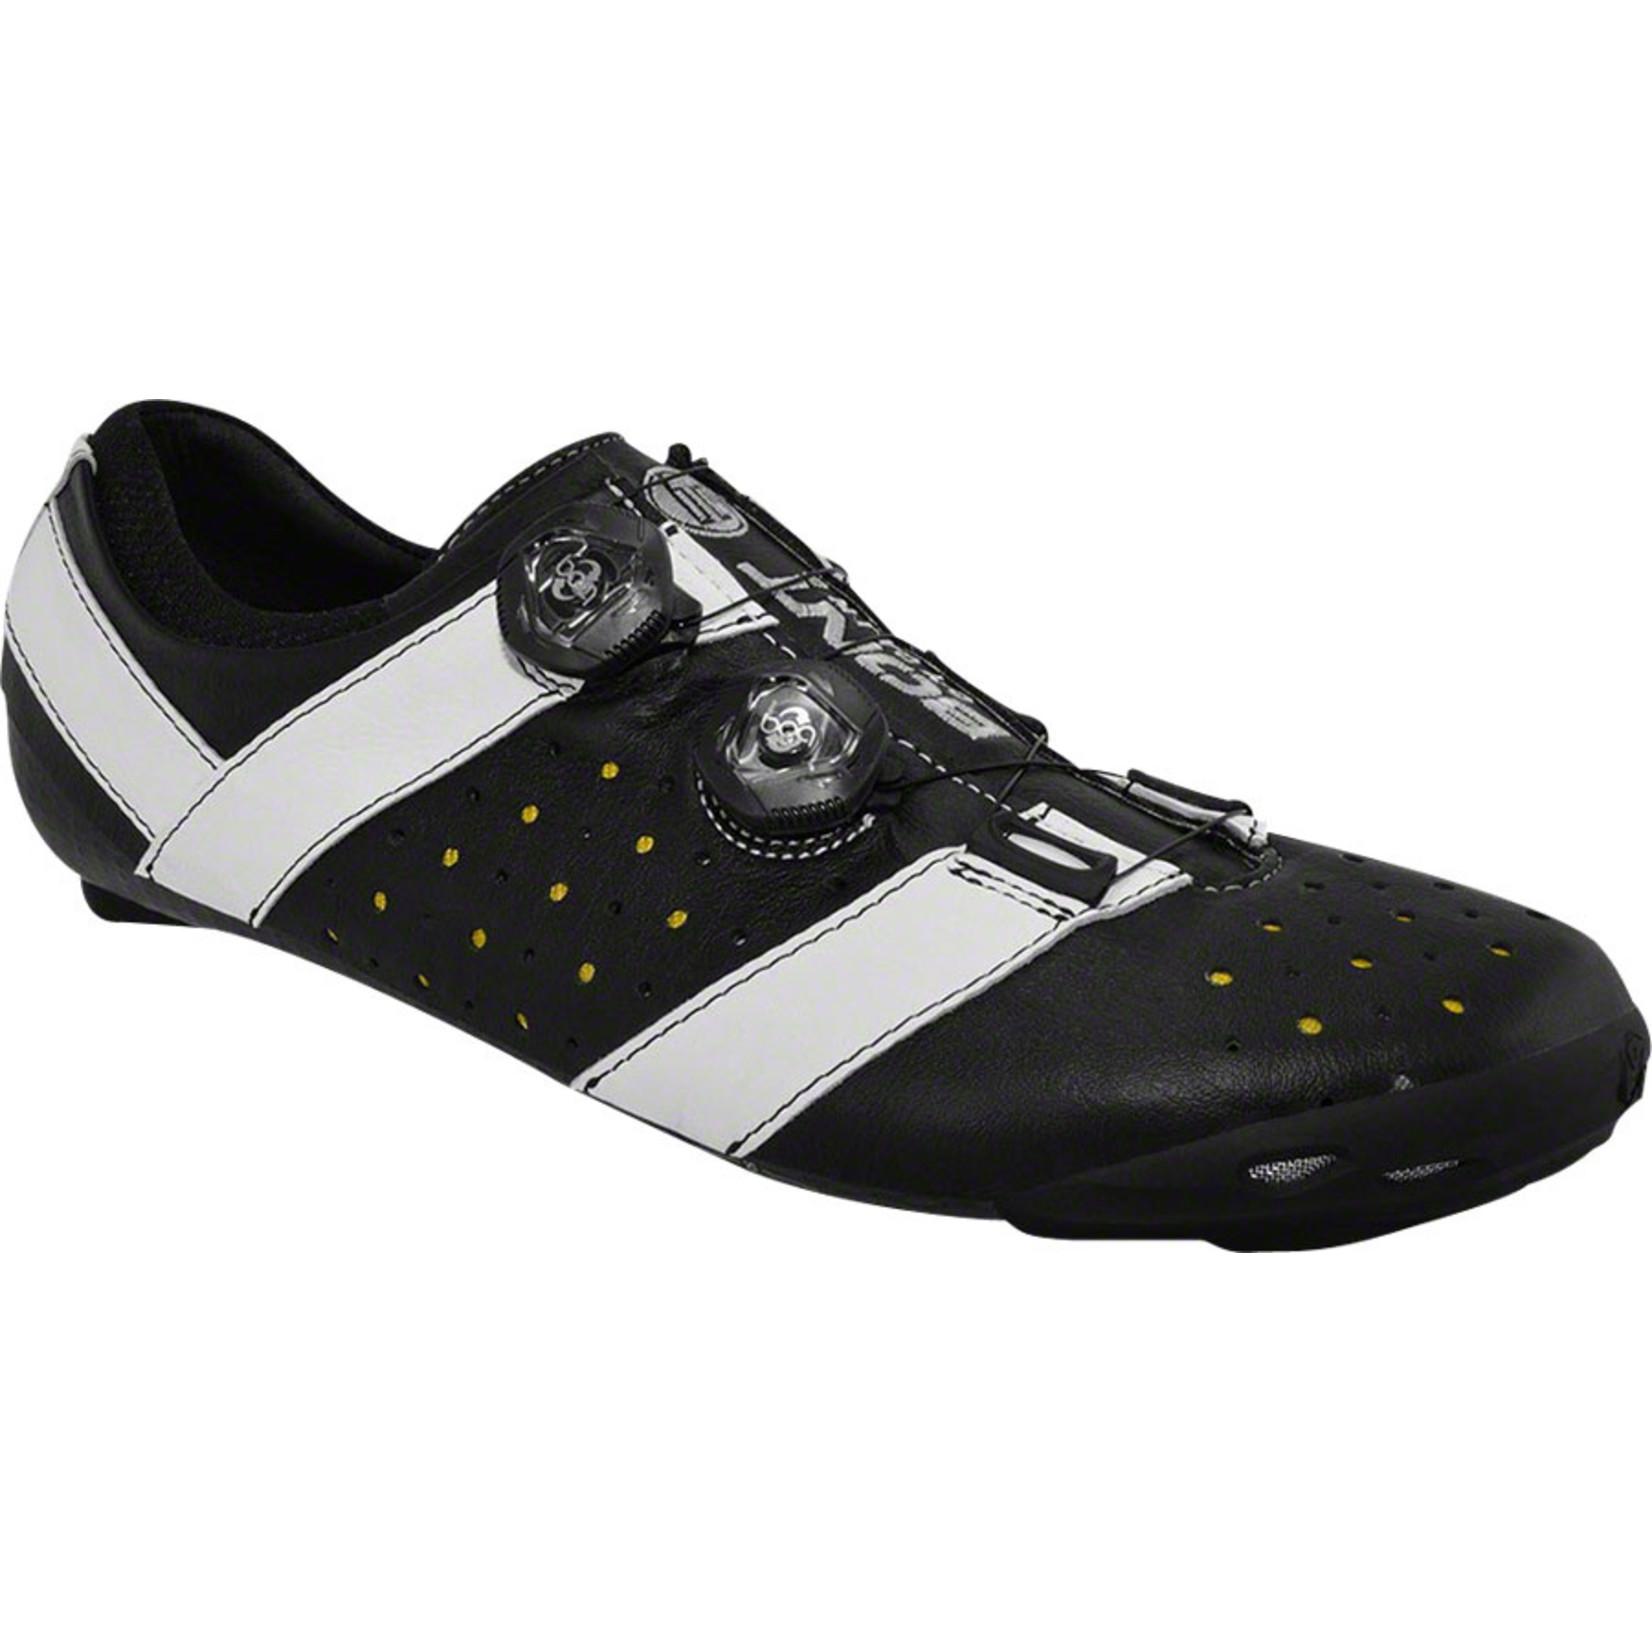 Bont Bont Vaypor+ Road Cycling Shoe: Black/White Size 44